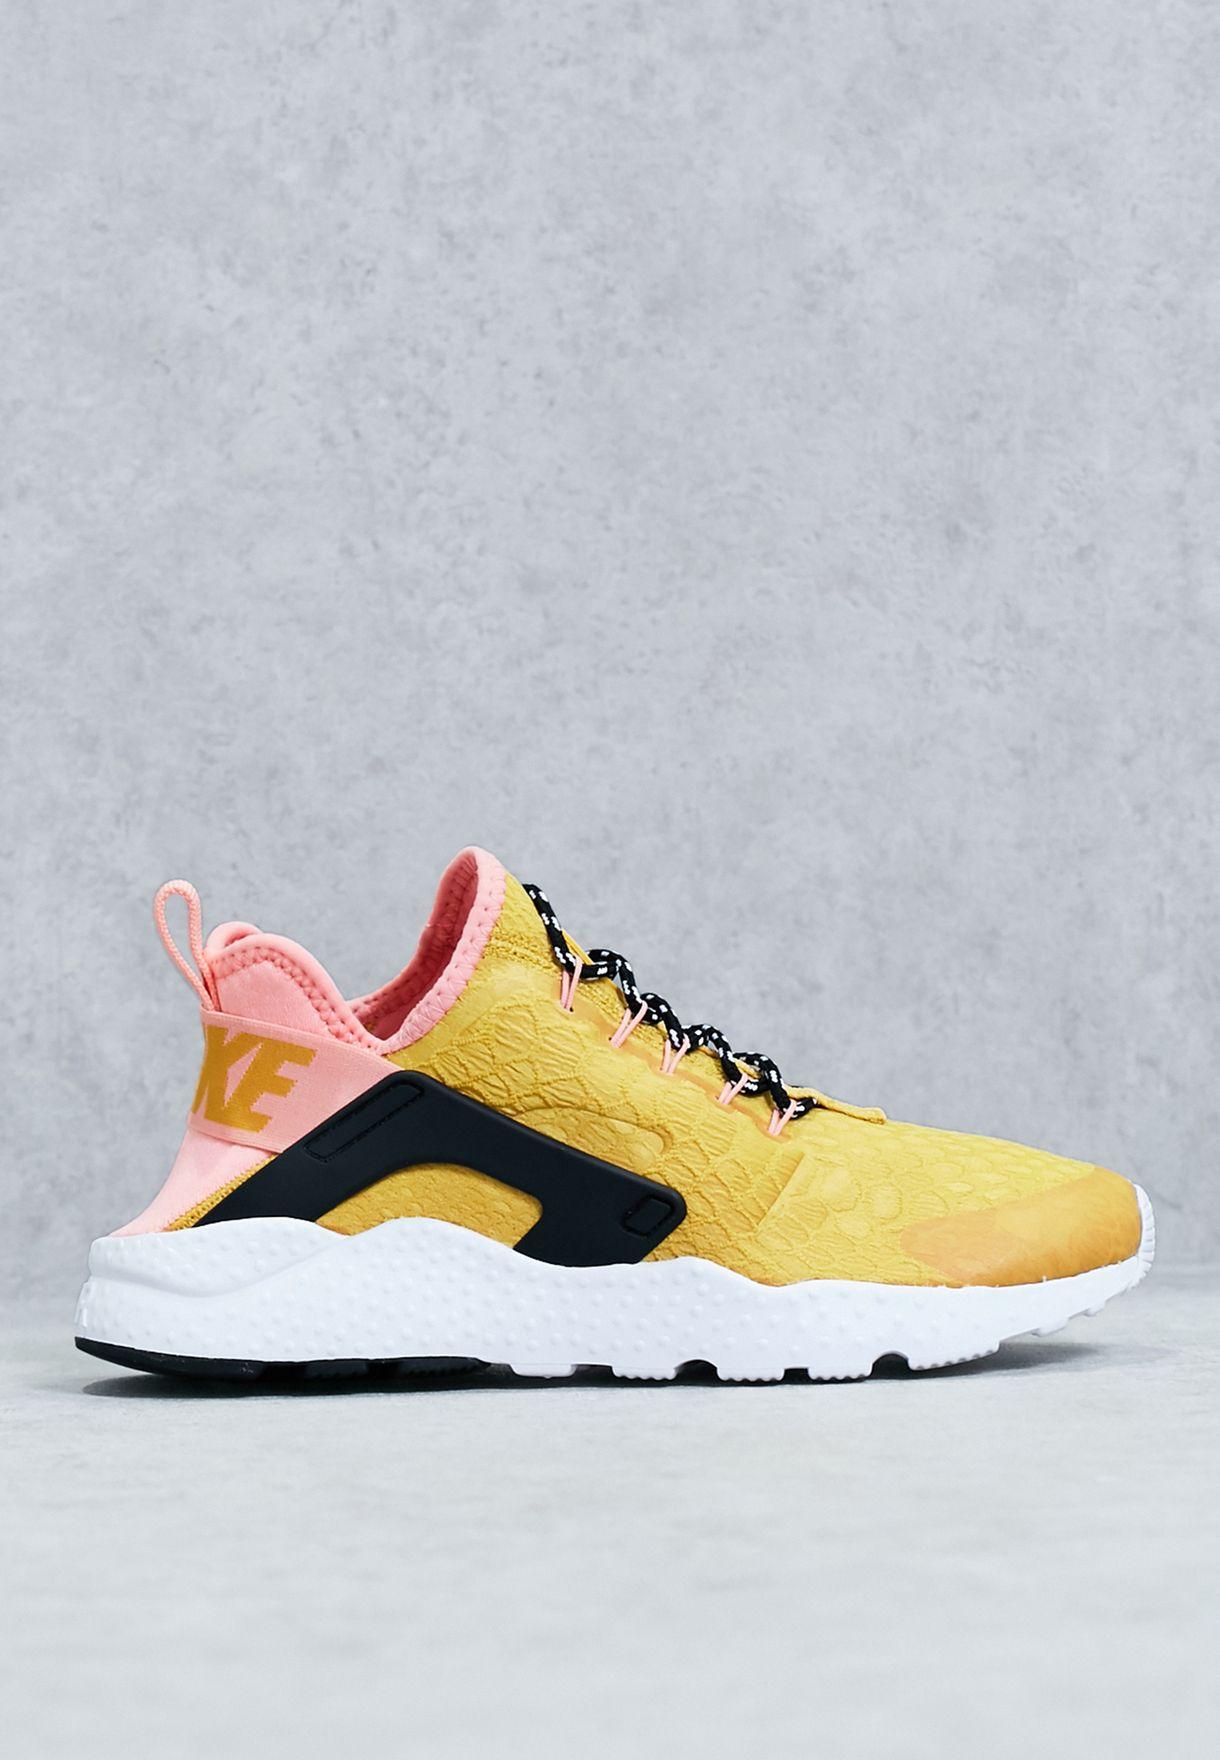 97e9474208f4 Shop Nike yellow Air Huarache Run Ultra SE 859516-700 for Women in ...